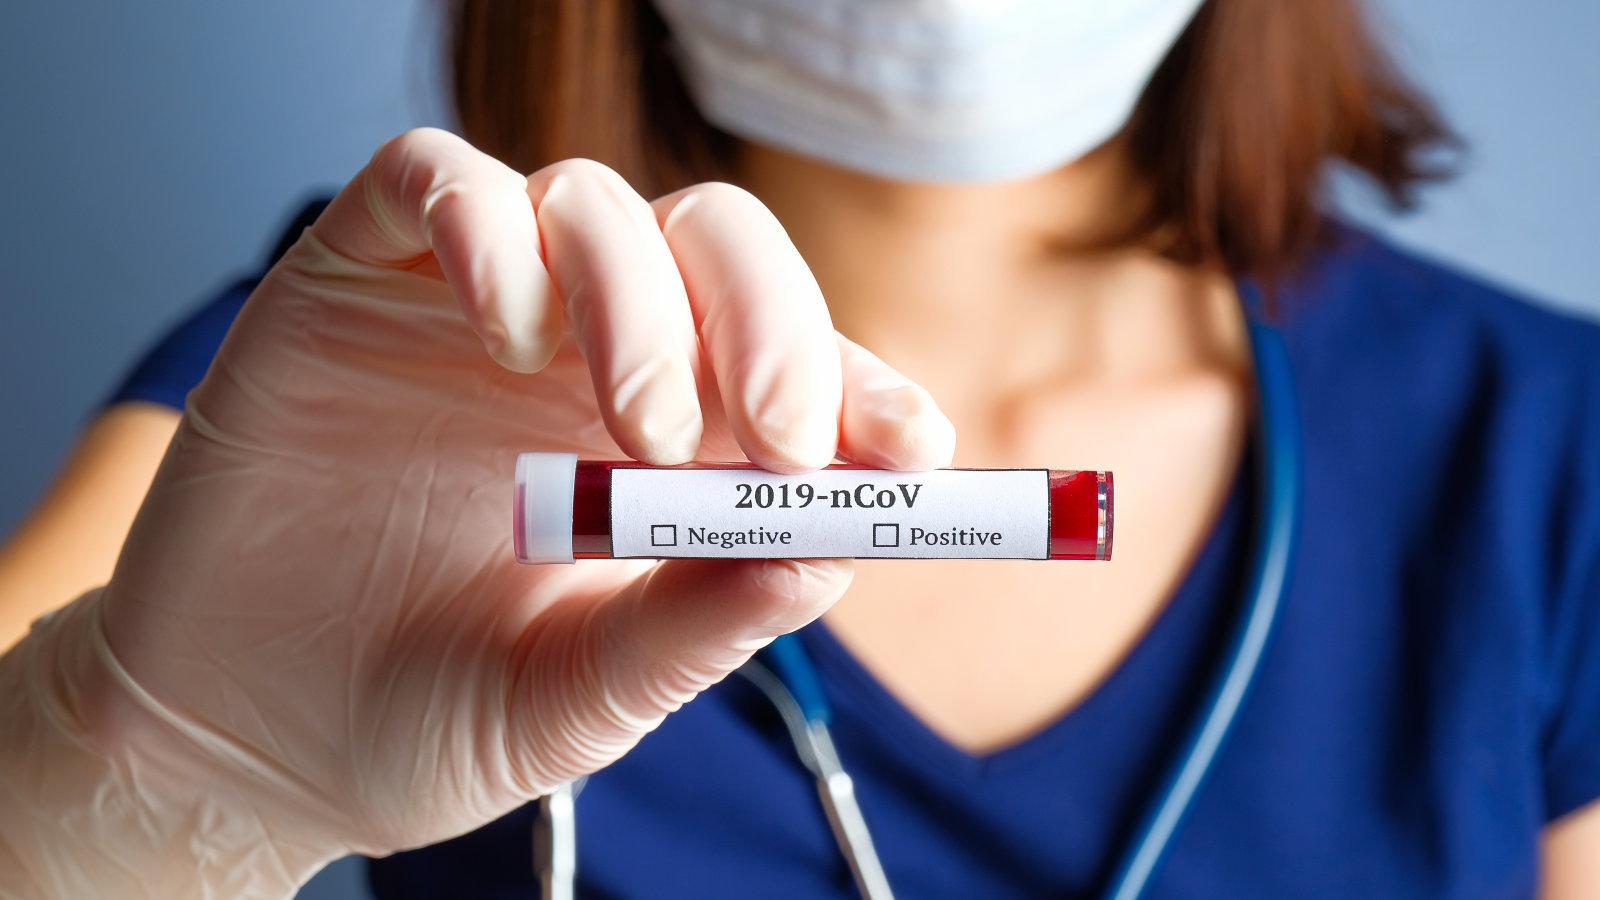 تصمیم فیسبوک برای مبارزه با اطلاعات اشتباه در مورد ویروس کرونا چیست؟